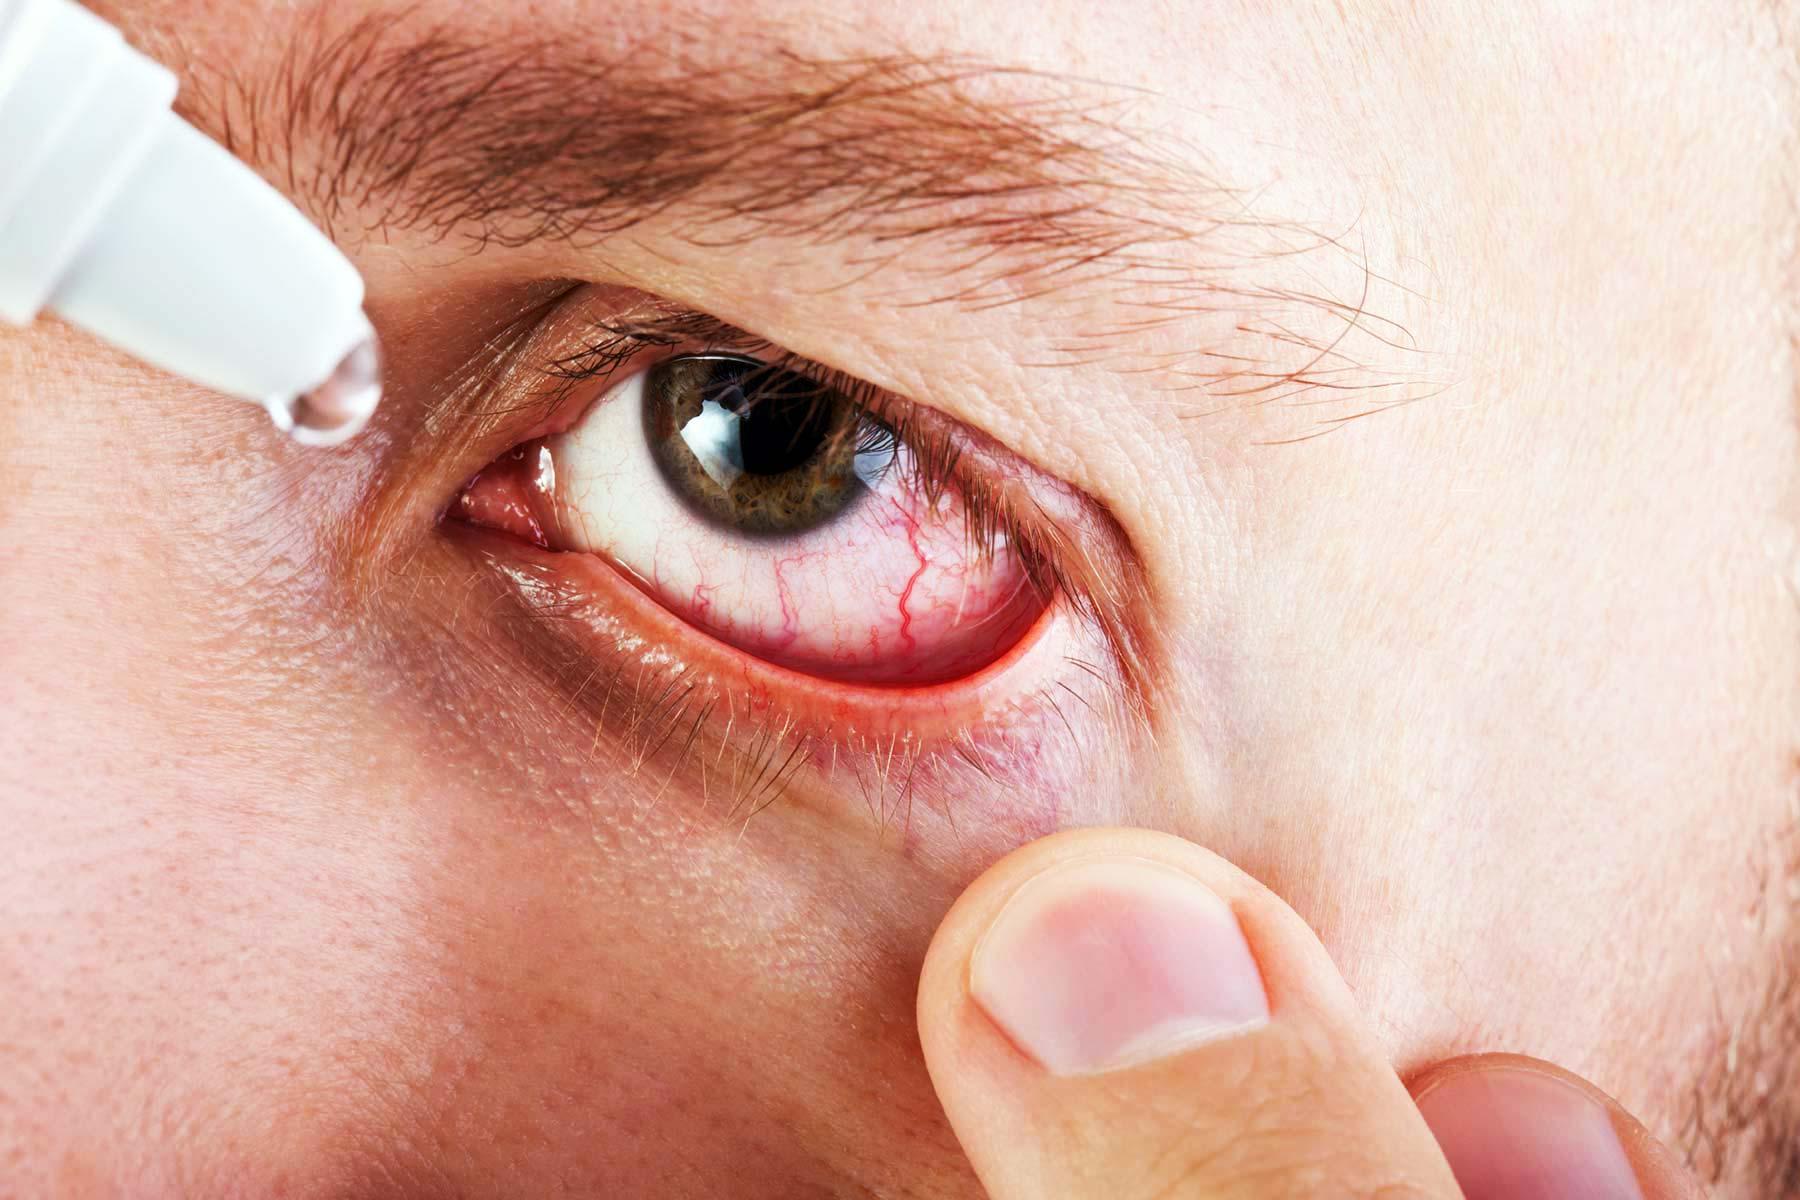 Жжение в глазах | причины и лечение жжения в глазах | компетентно о здоровье на ilive